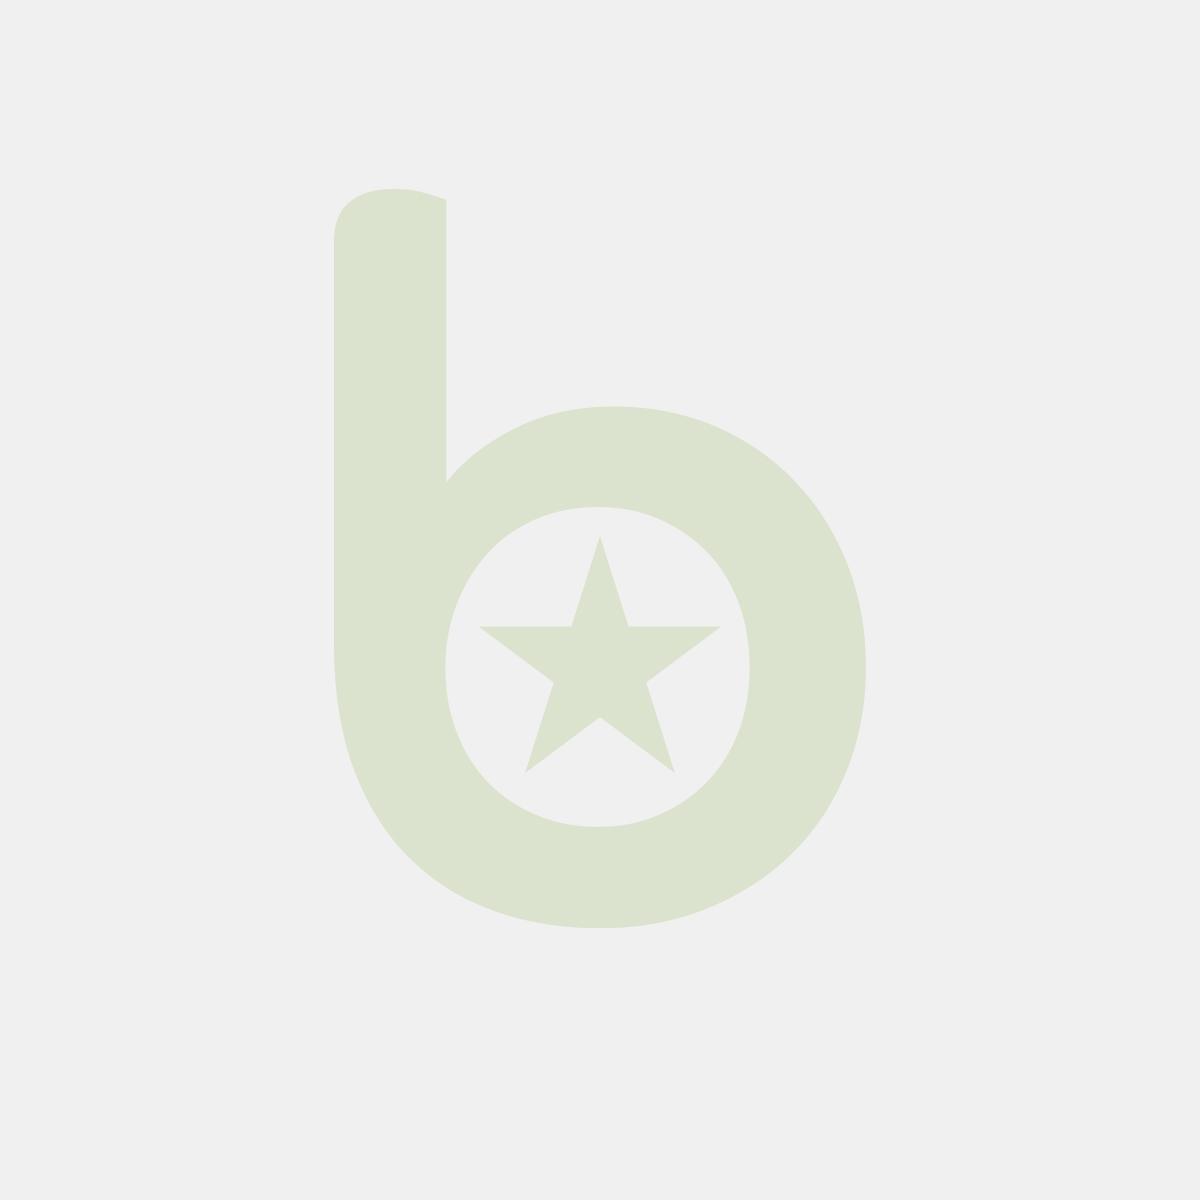 Etykiety uniwersalne MULTI 3, 63,5x38,1mm, zaokrąglone, białe